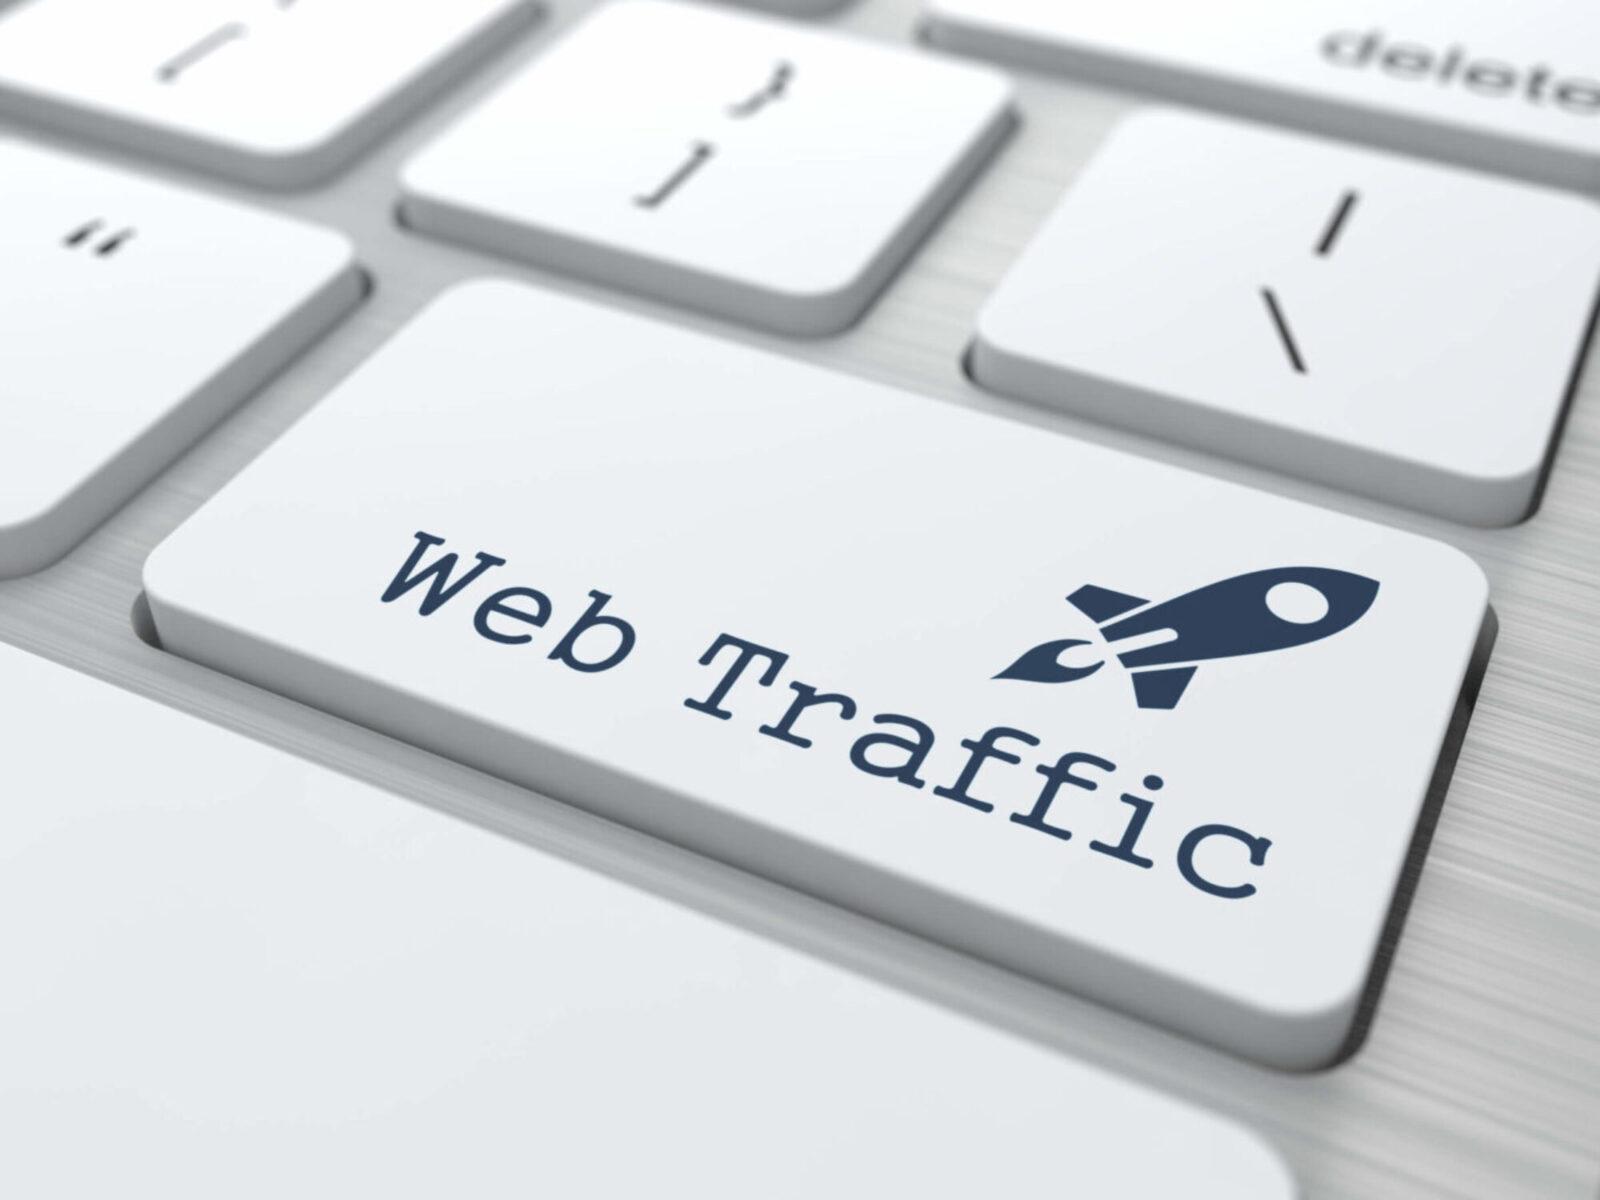 Источники трафика для заработка онлайн с Валерием Добрыниным